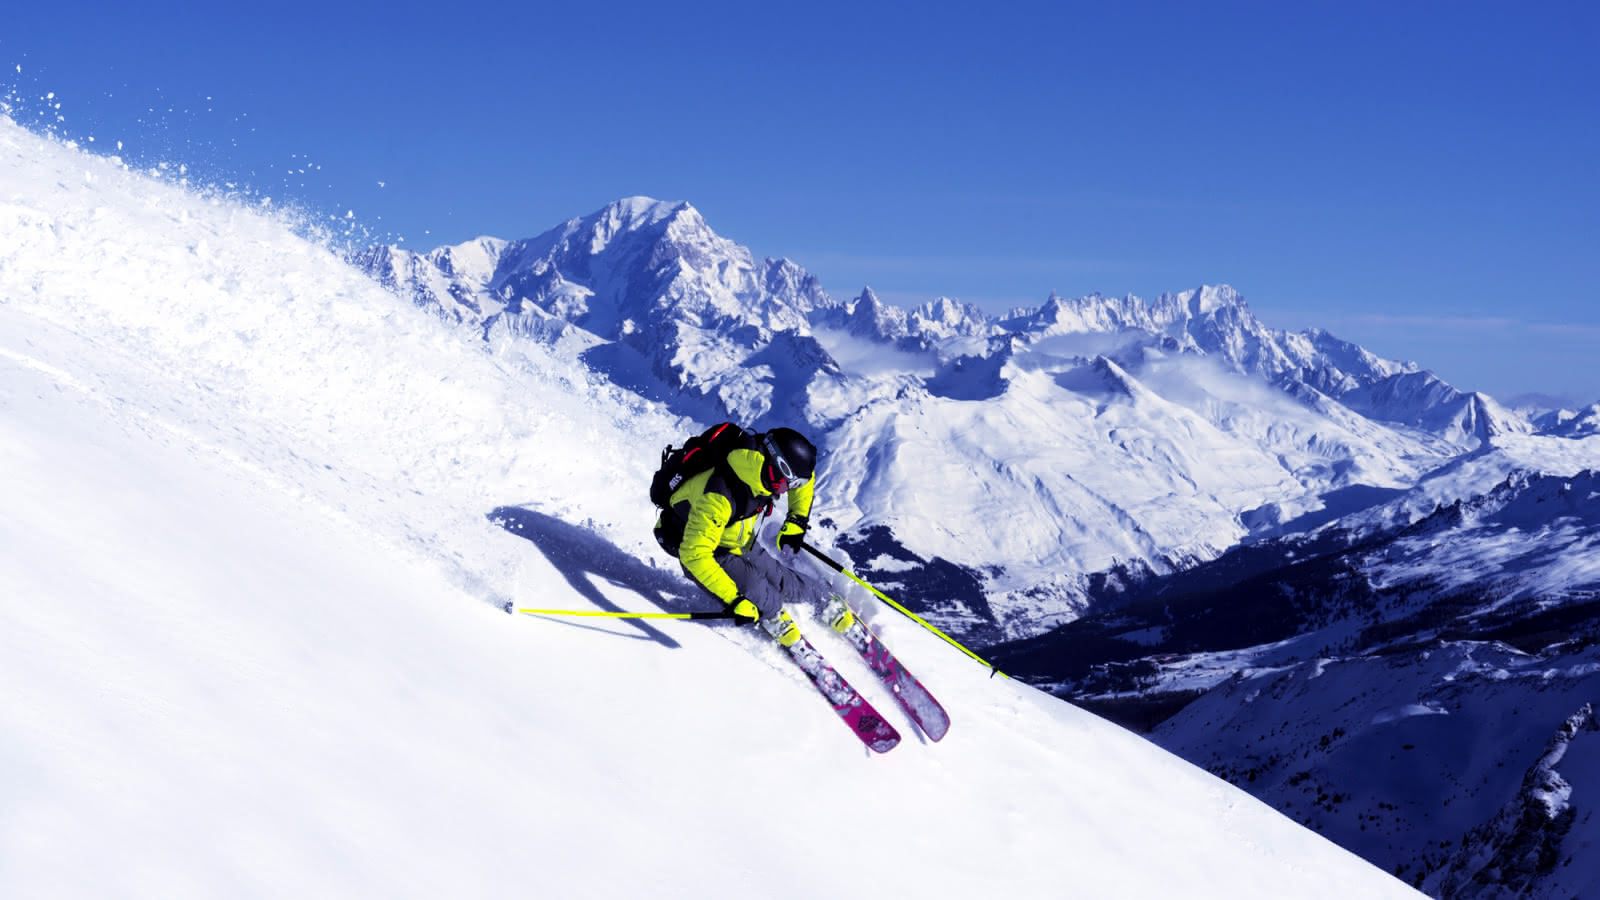 Descente avec vue sur le Mont Blanc en arrière plan